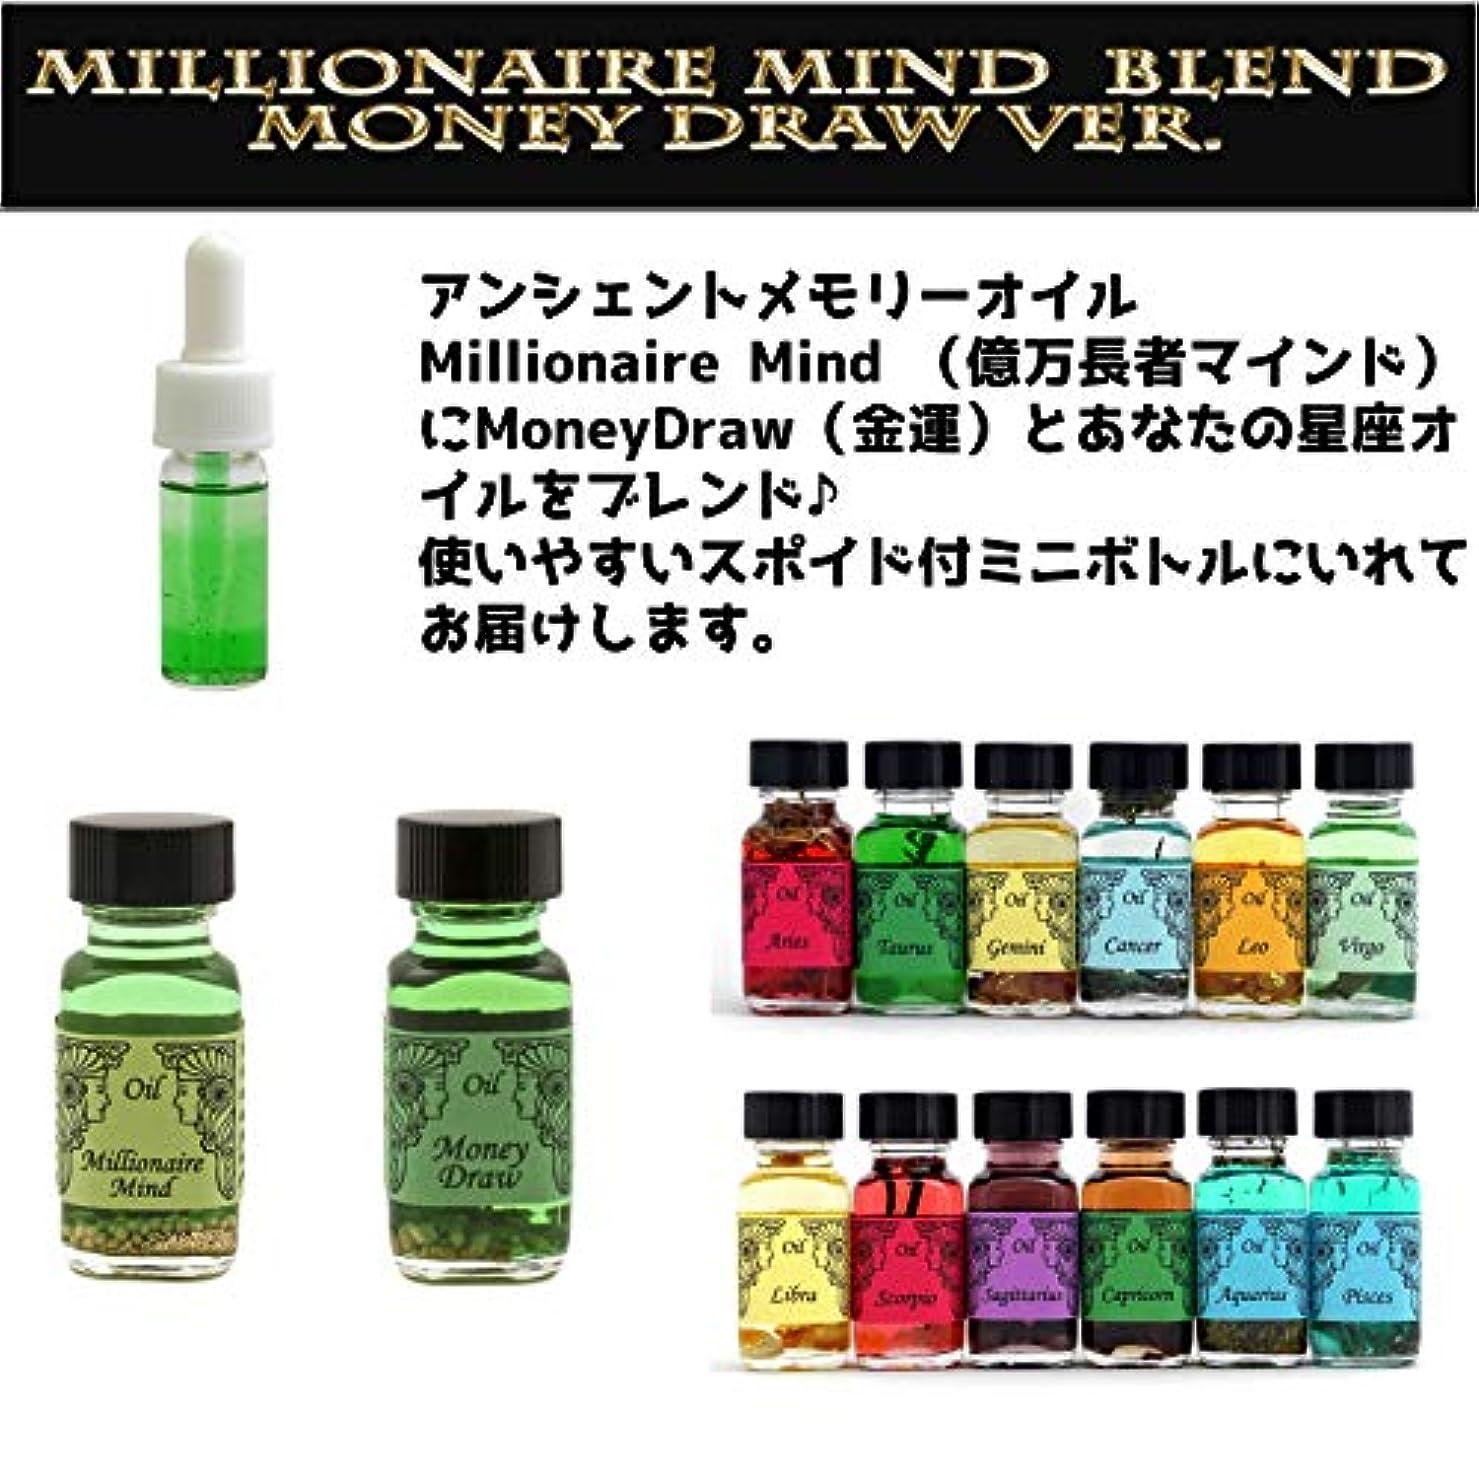 意識密番目アンシェントメモリーオイル Millionaire Mind 億万長者マインド ブレンド(Money Drawマネードロー(金運)&おひつじ座